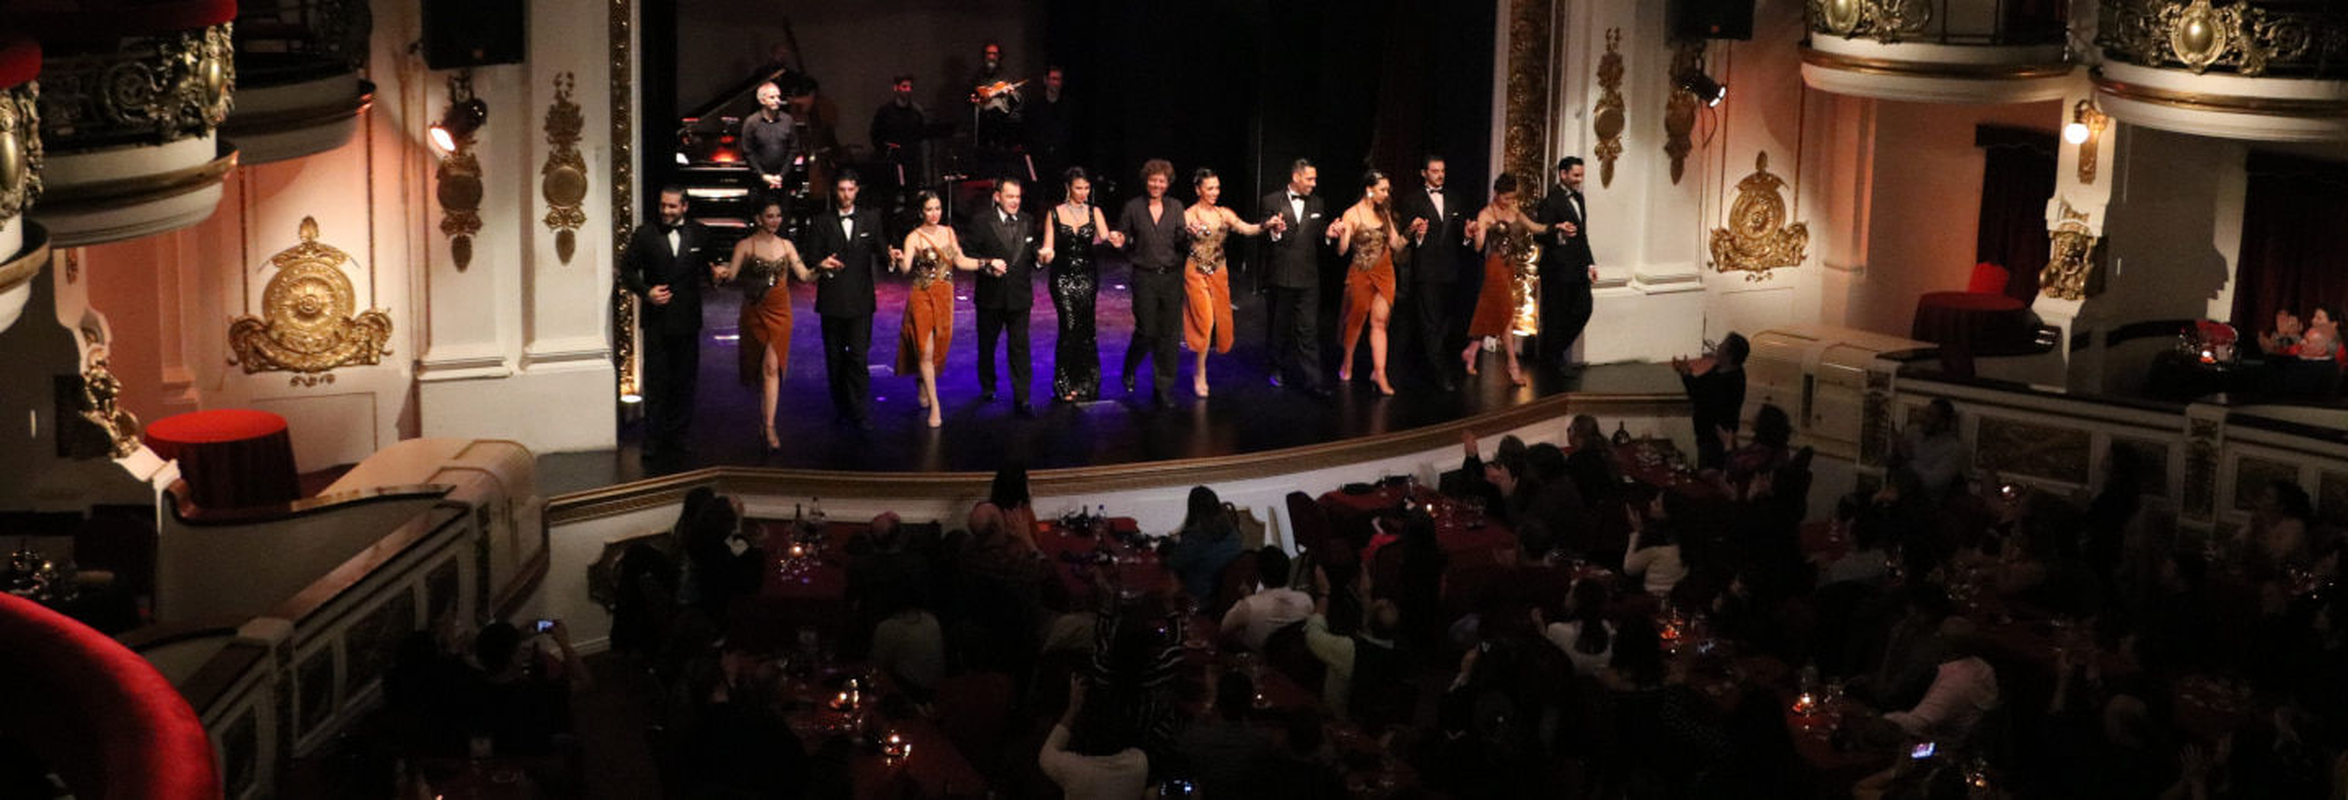 Espectáculo de tango en el Teatro Astor Piazzolla